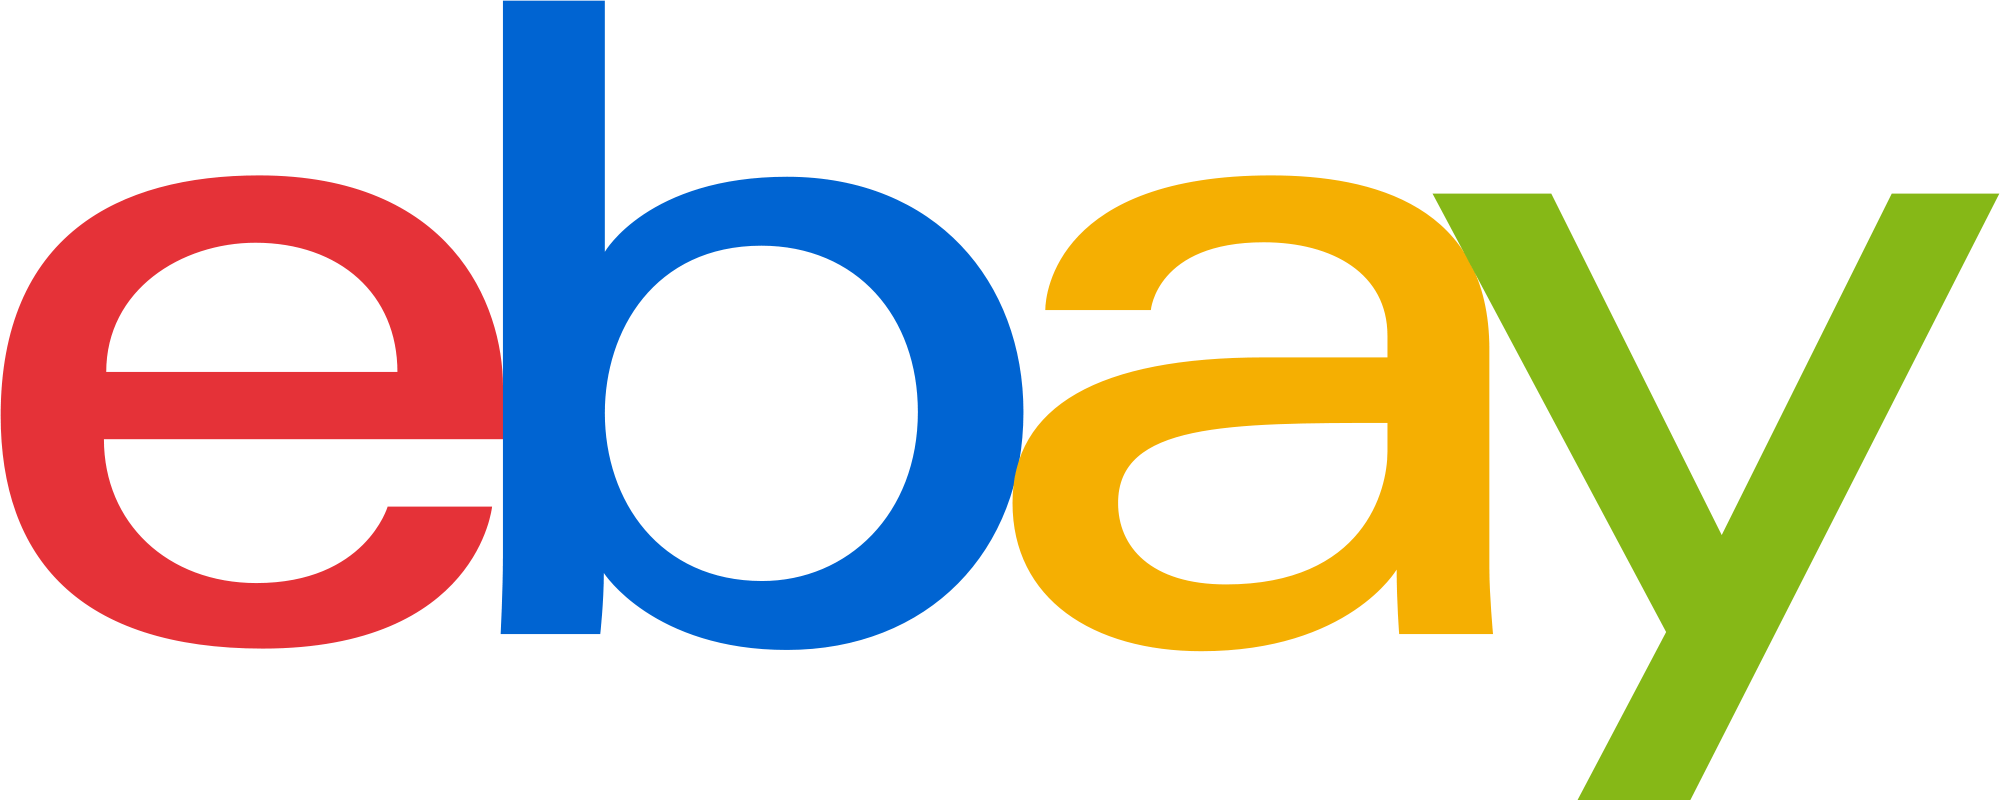 ebay use node.js